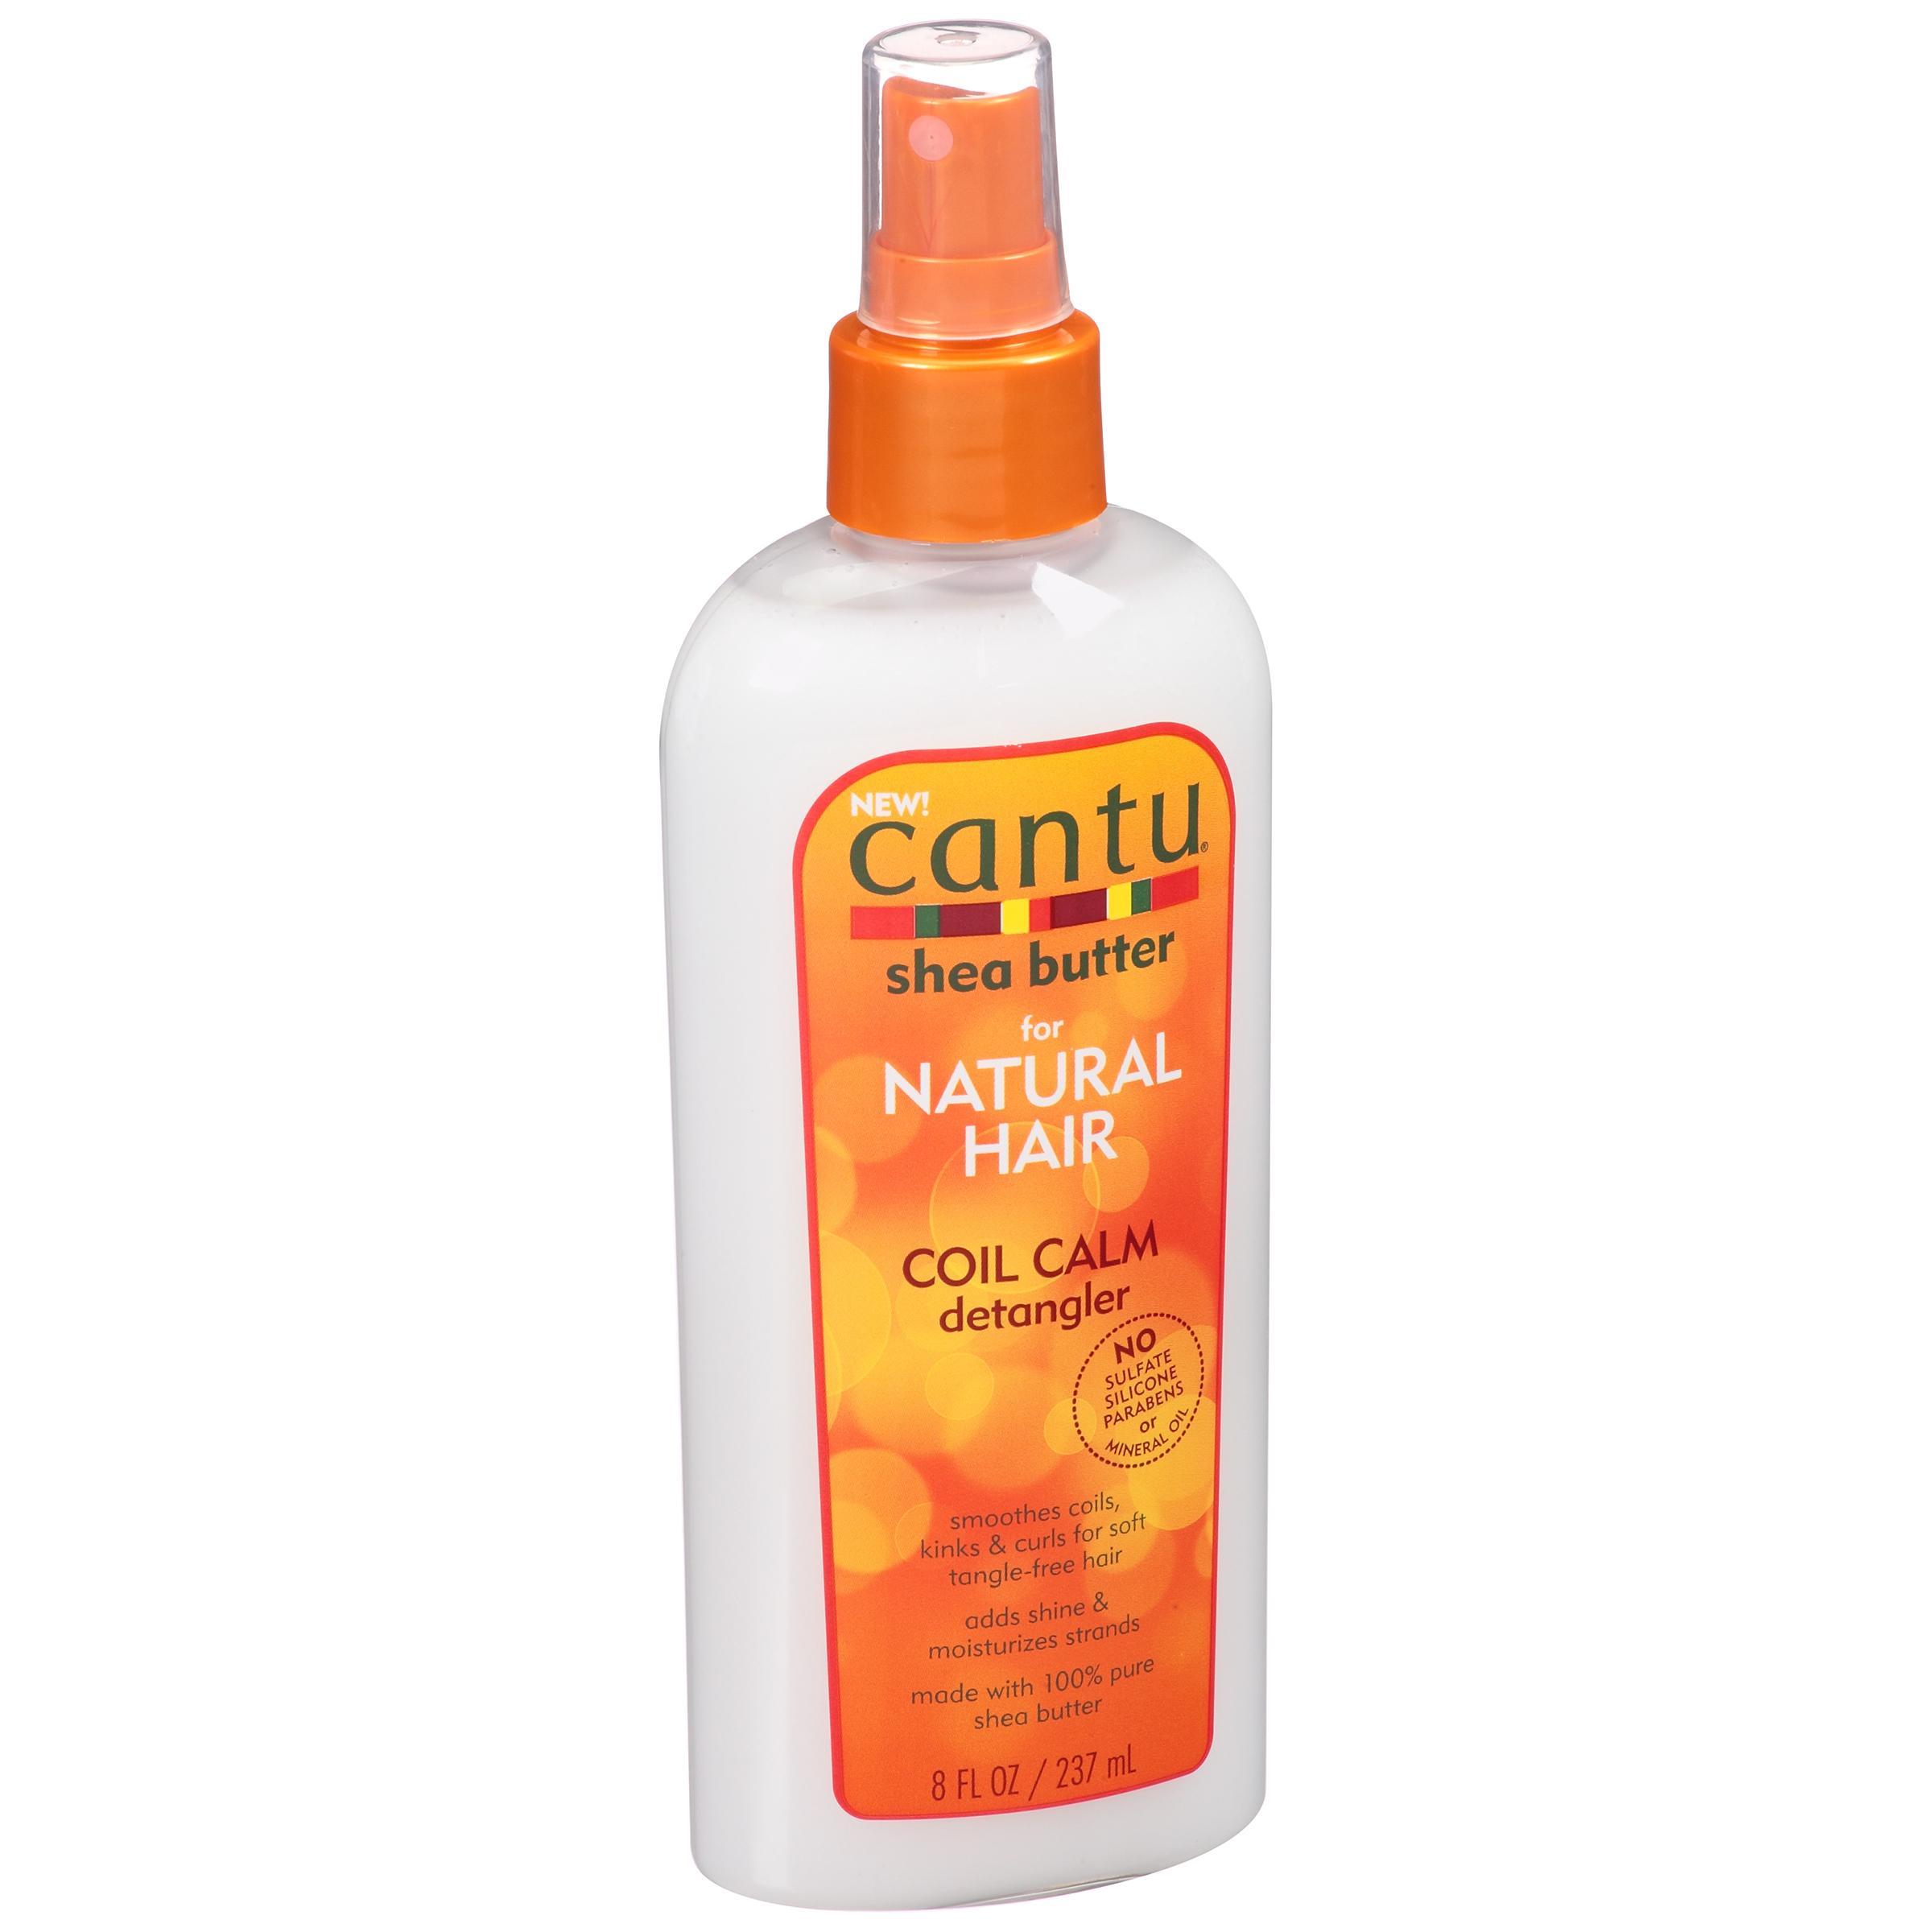 Cantu Shea Butter for Natural Hair Coil Calm Detangler 8 fl. oz. Bottle